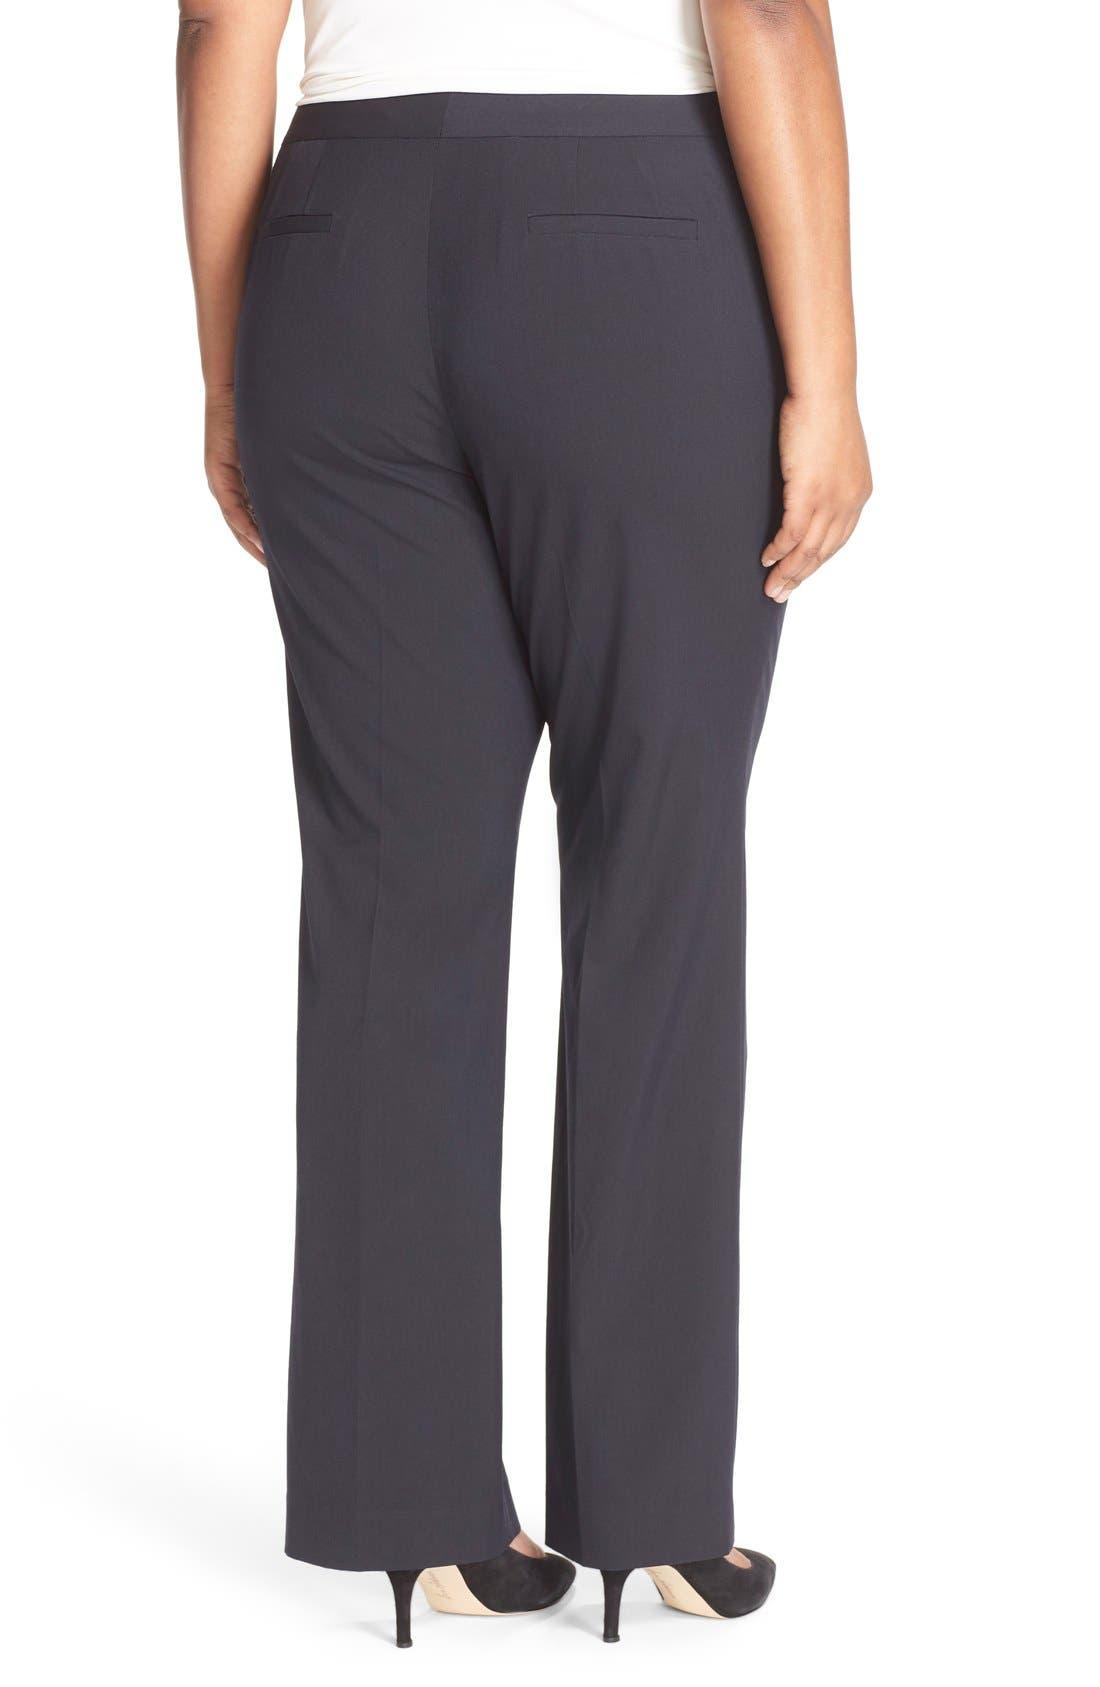 Alternate Image 2  - Sejour 'Ela' Stretch Curvy Fit Wide Leg Suit Pants (Plus Size & Petite Plus)